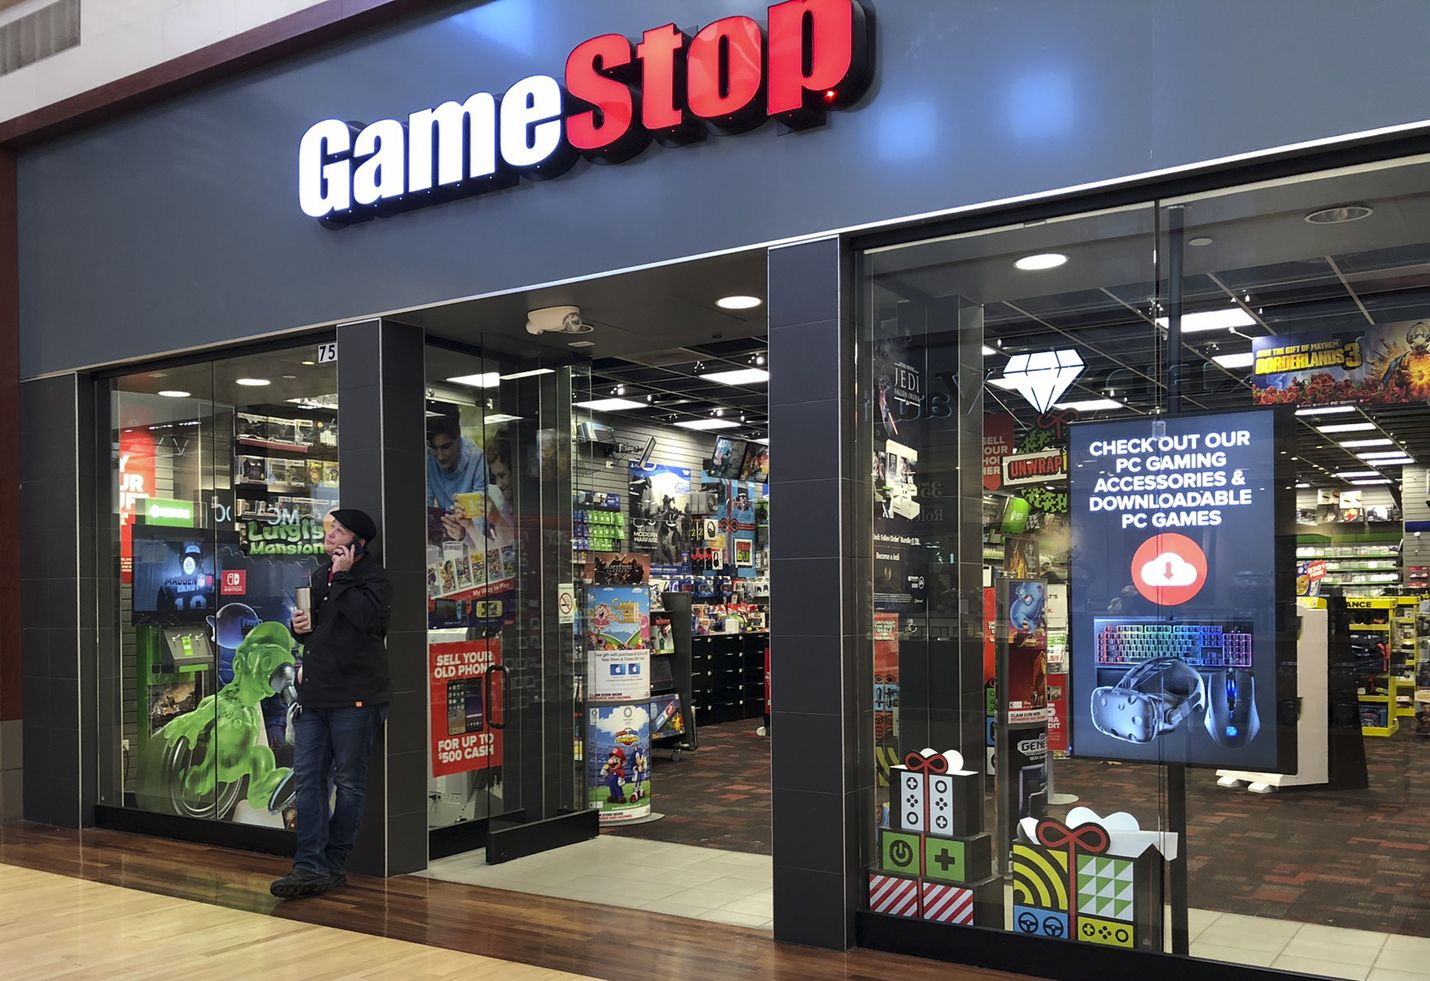 Videopeliyritys Gamestopin osakkeiden arvon ennakoitiin laskevan. Toisin kävi, kun joukko piensijoittajia puuttui peliin.